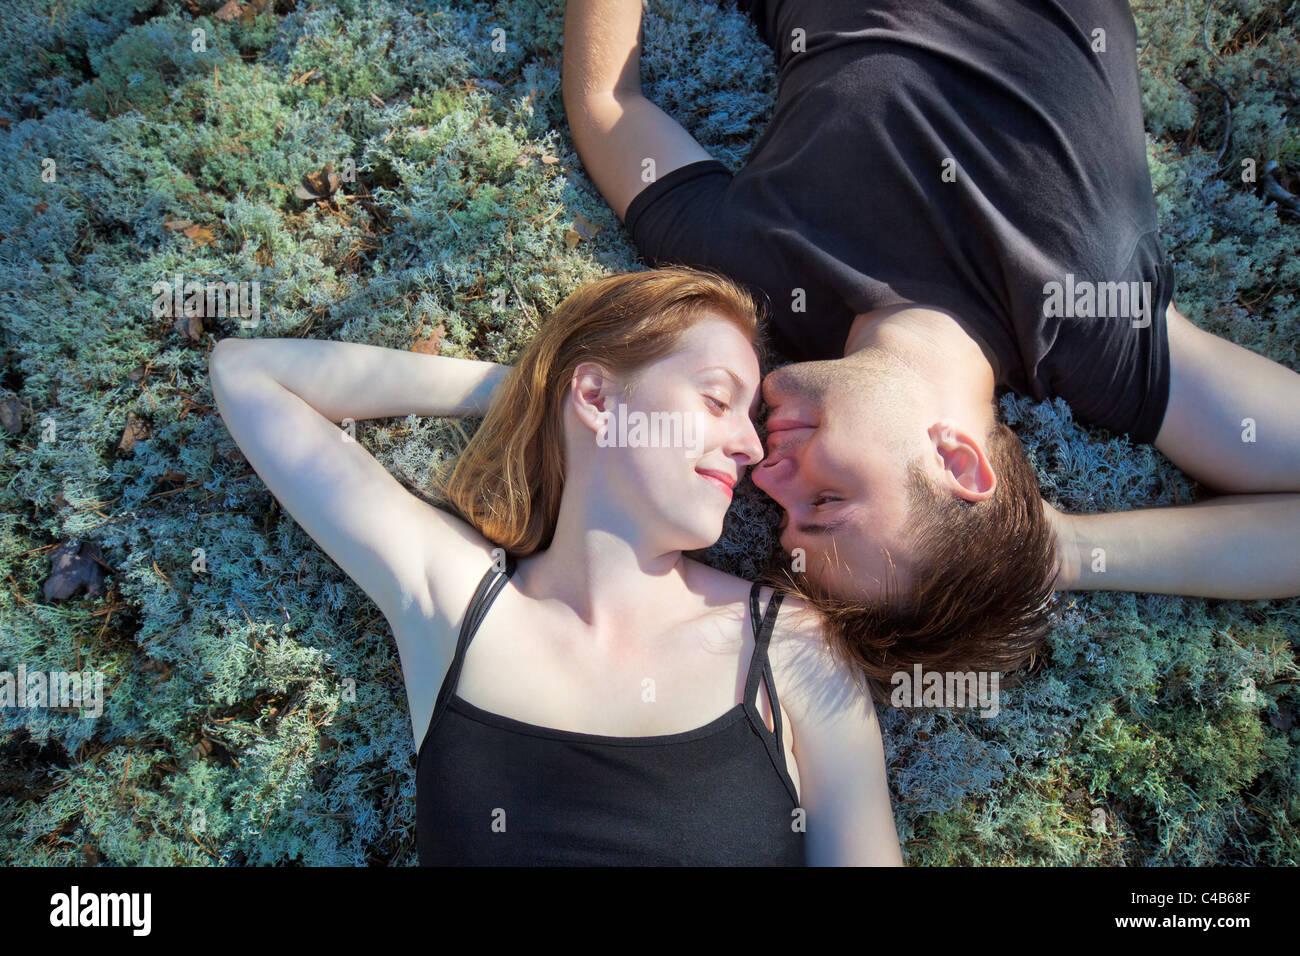 Jovem casal repousando sobre grama em floresta. Imagens de Stock